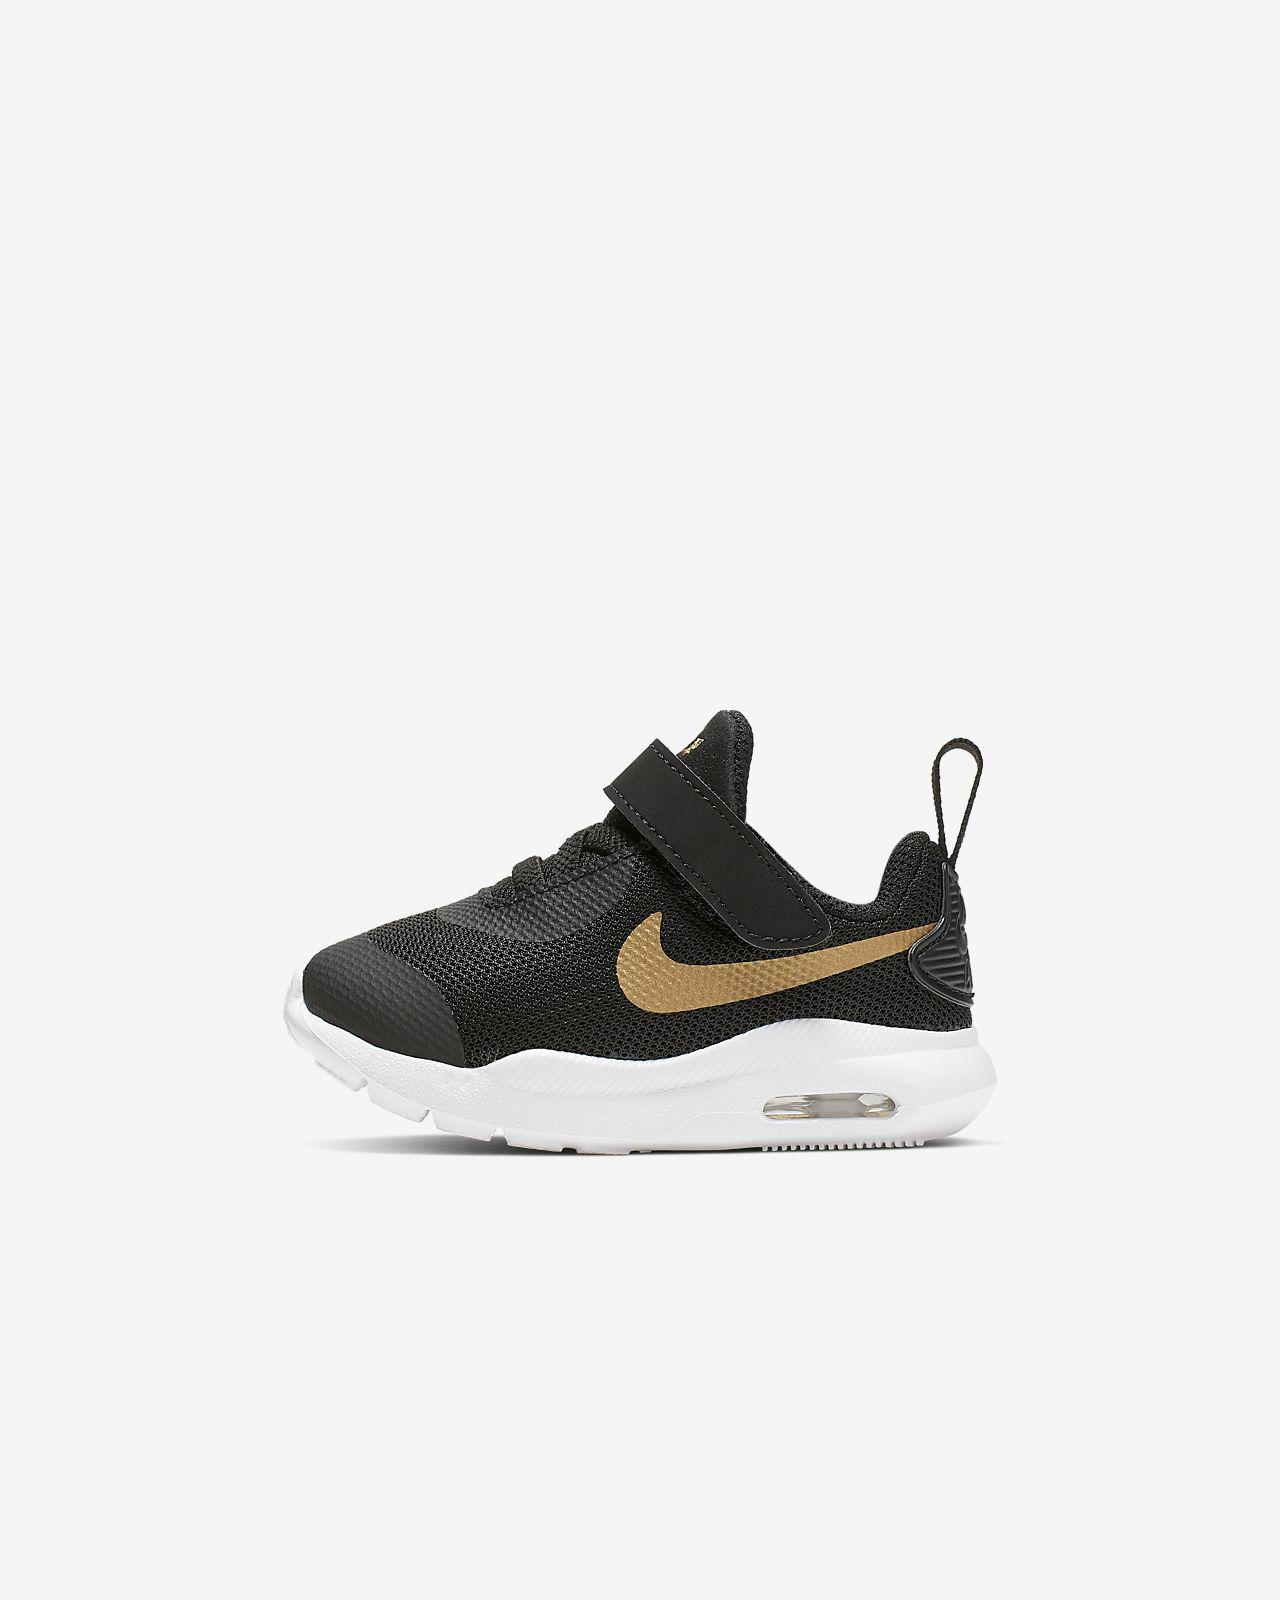 Nike Air Max Oketo VTB (TDV) 婴童运动童鞋